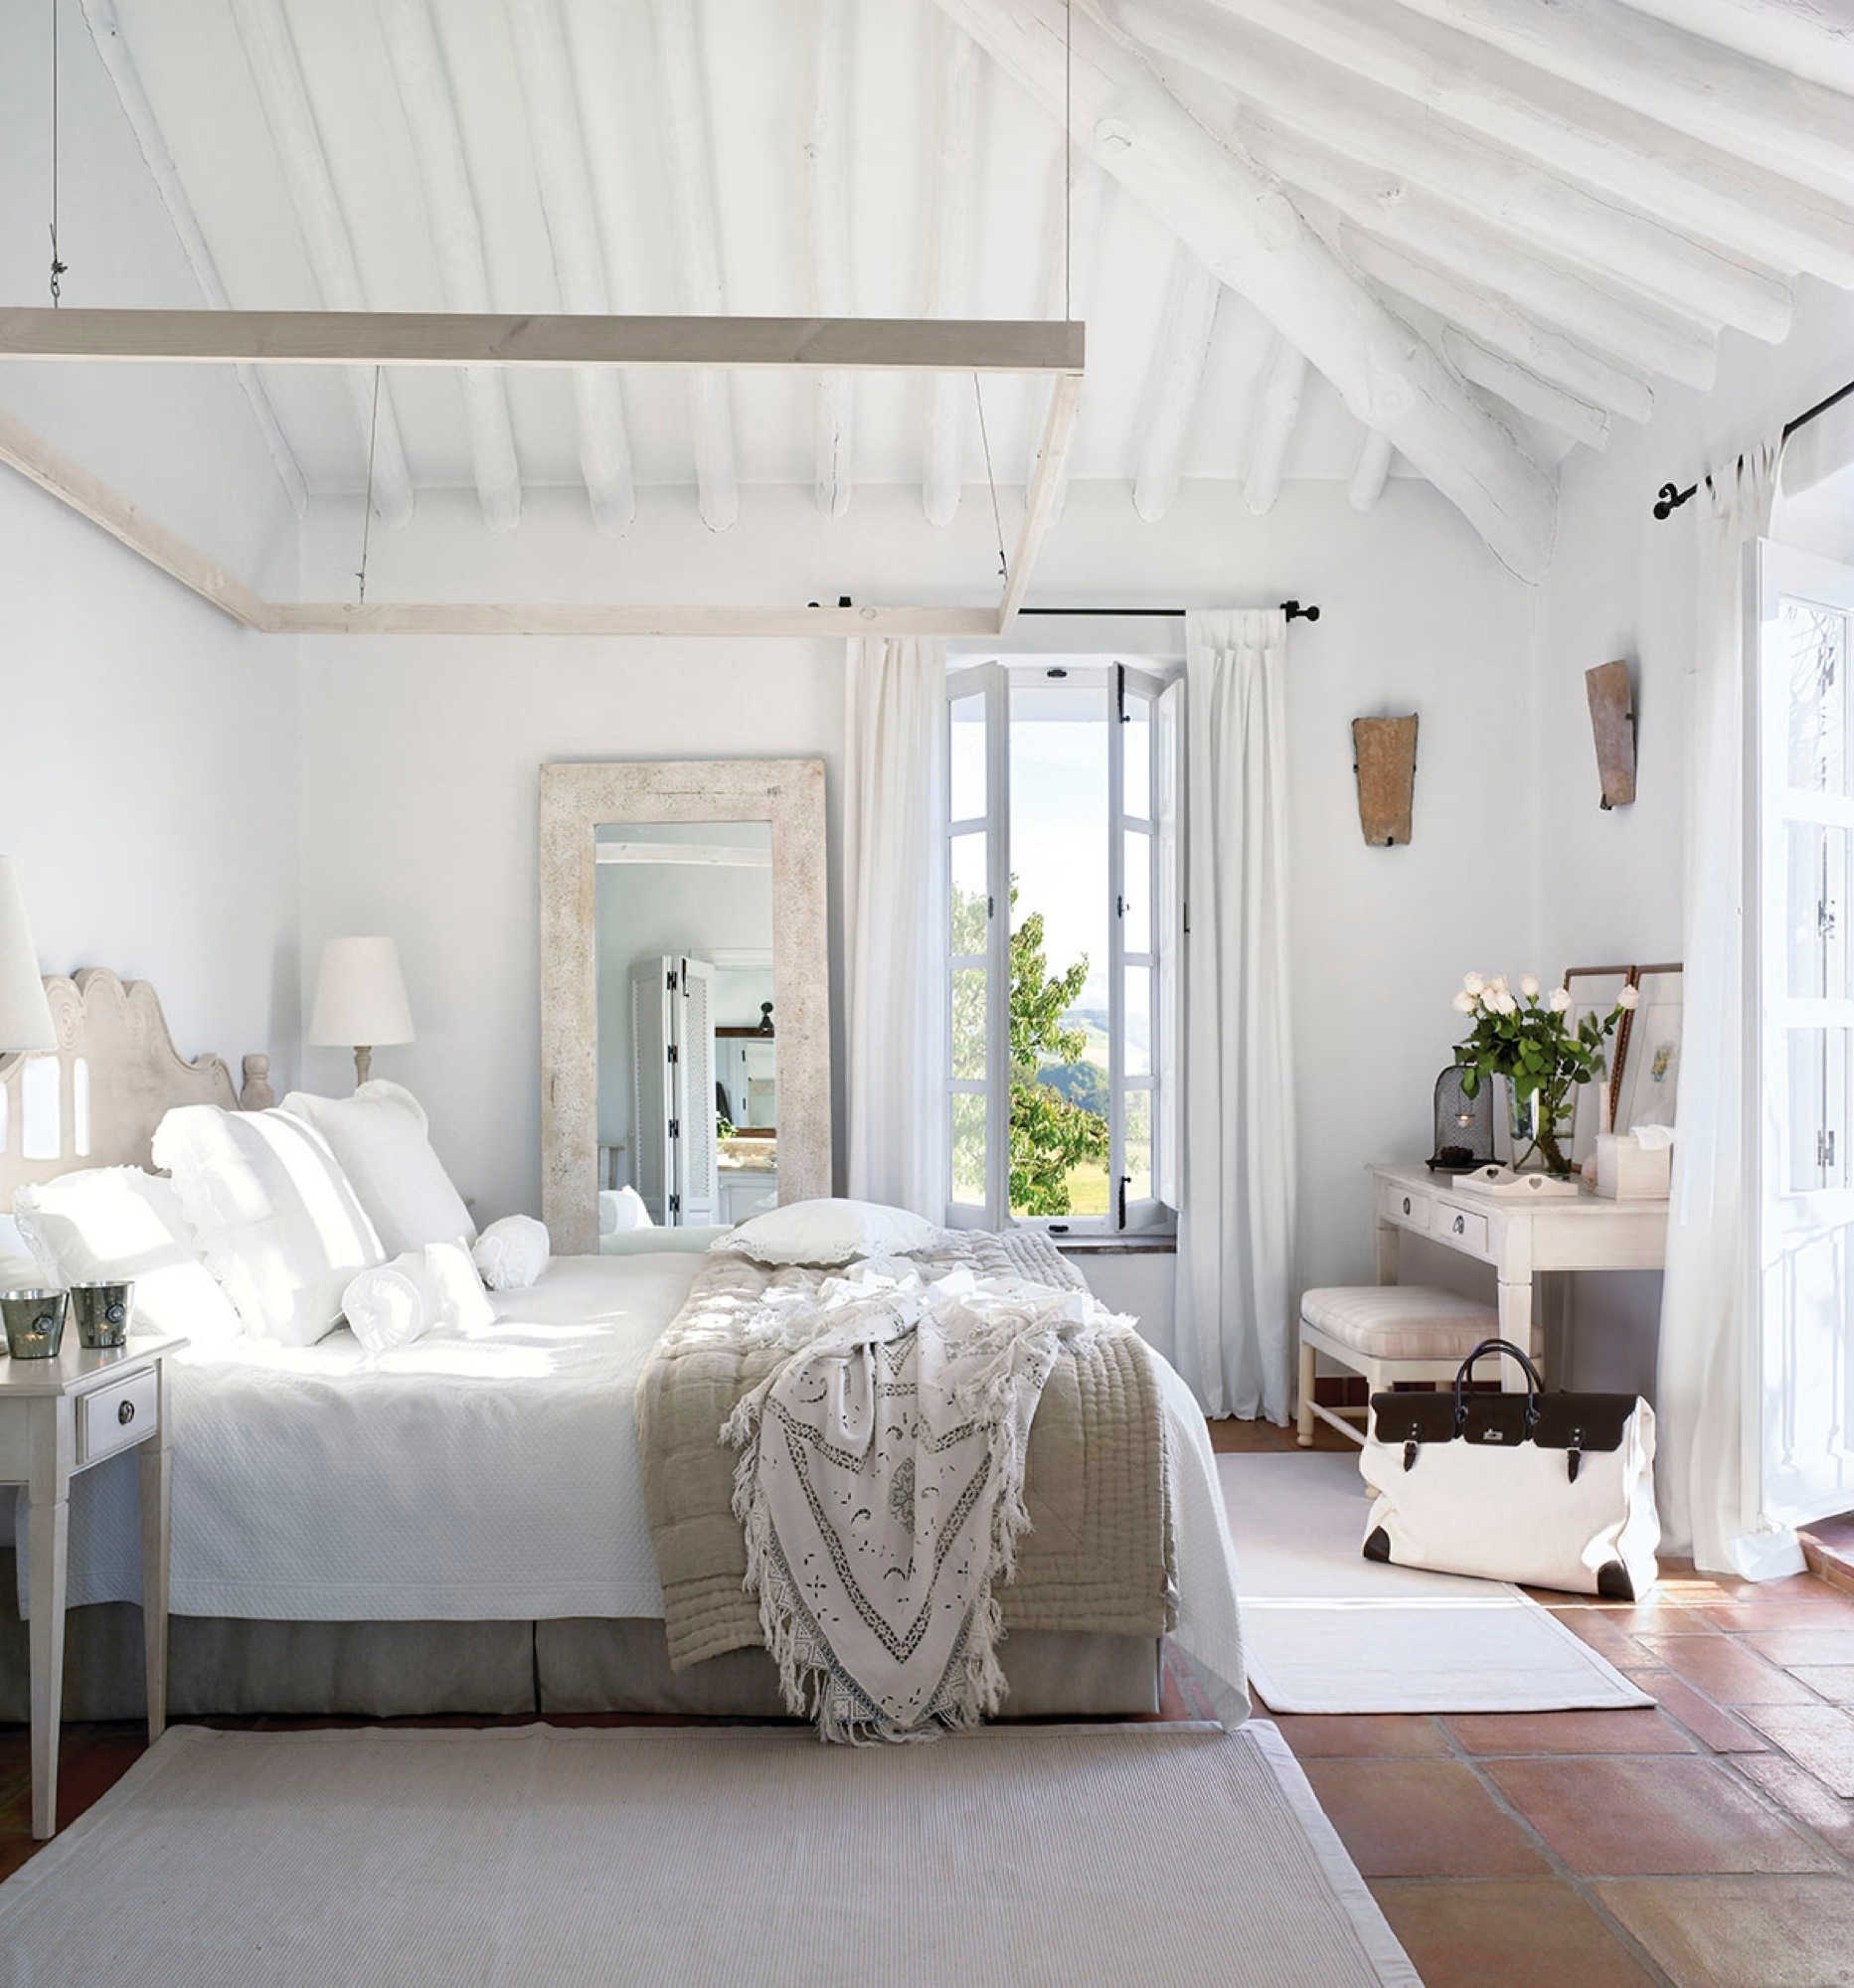 Matrimonio Rustico Moderno : Dormitorios rústicos con mucho encanto